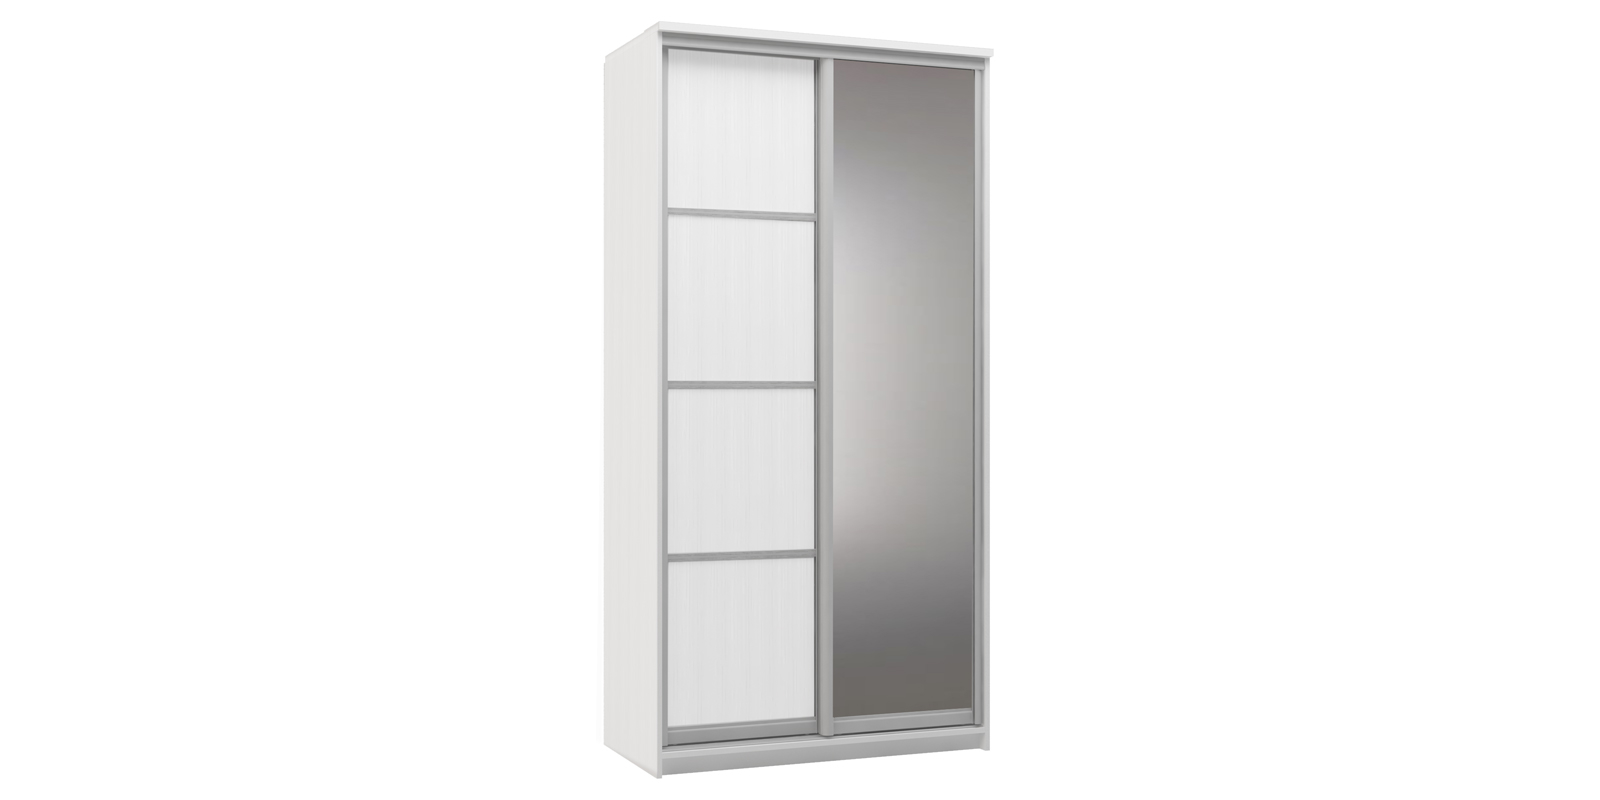 Шкаф-купе двухдверный Верона 120 см (белый/зеркало) Верона